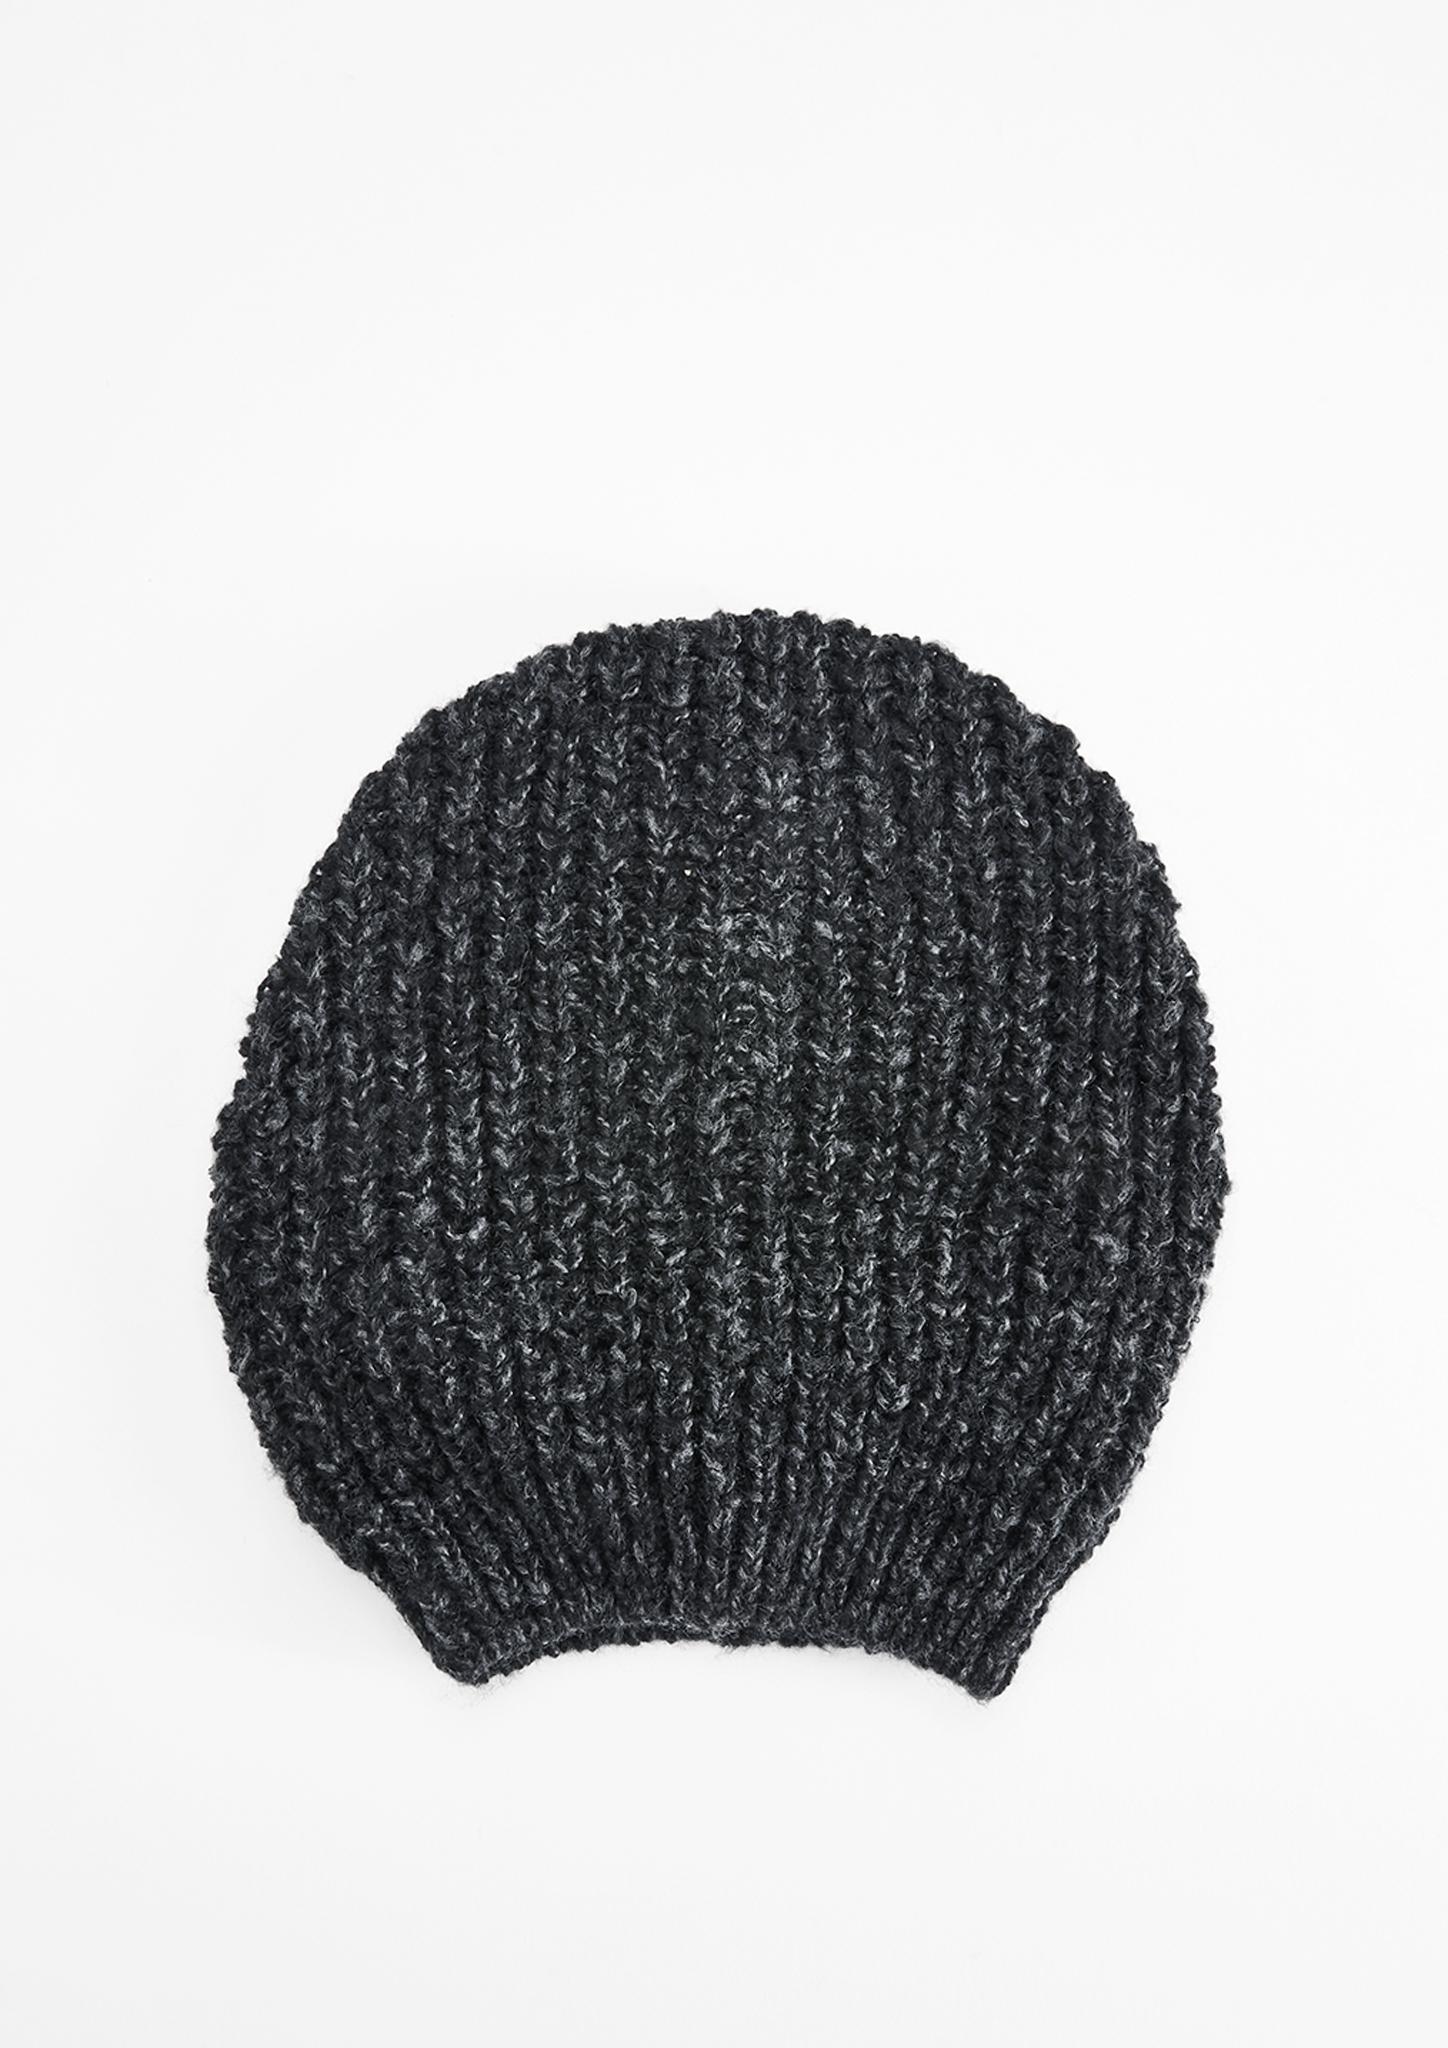 Strickmütze | Accessoires > Mützen > Strickmützen | Grau/schwarz | 83% polyacryl -  17% polyester | s.Oliver